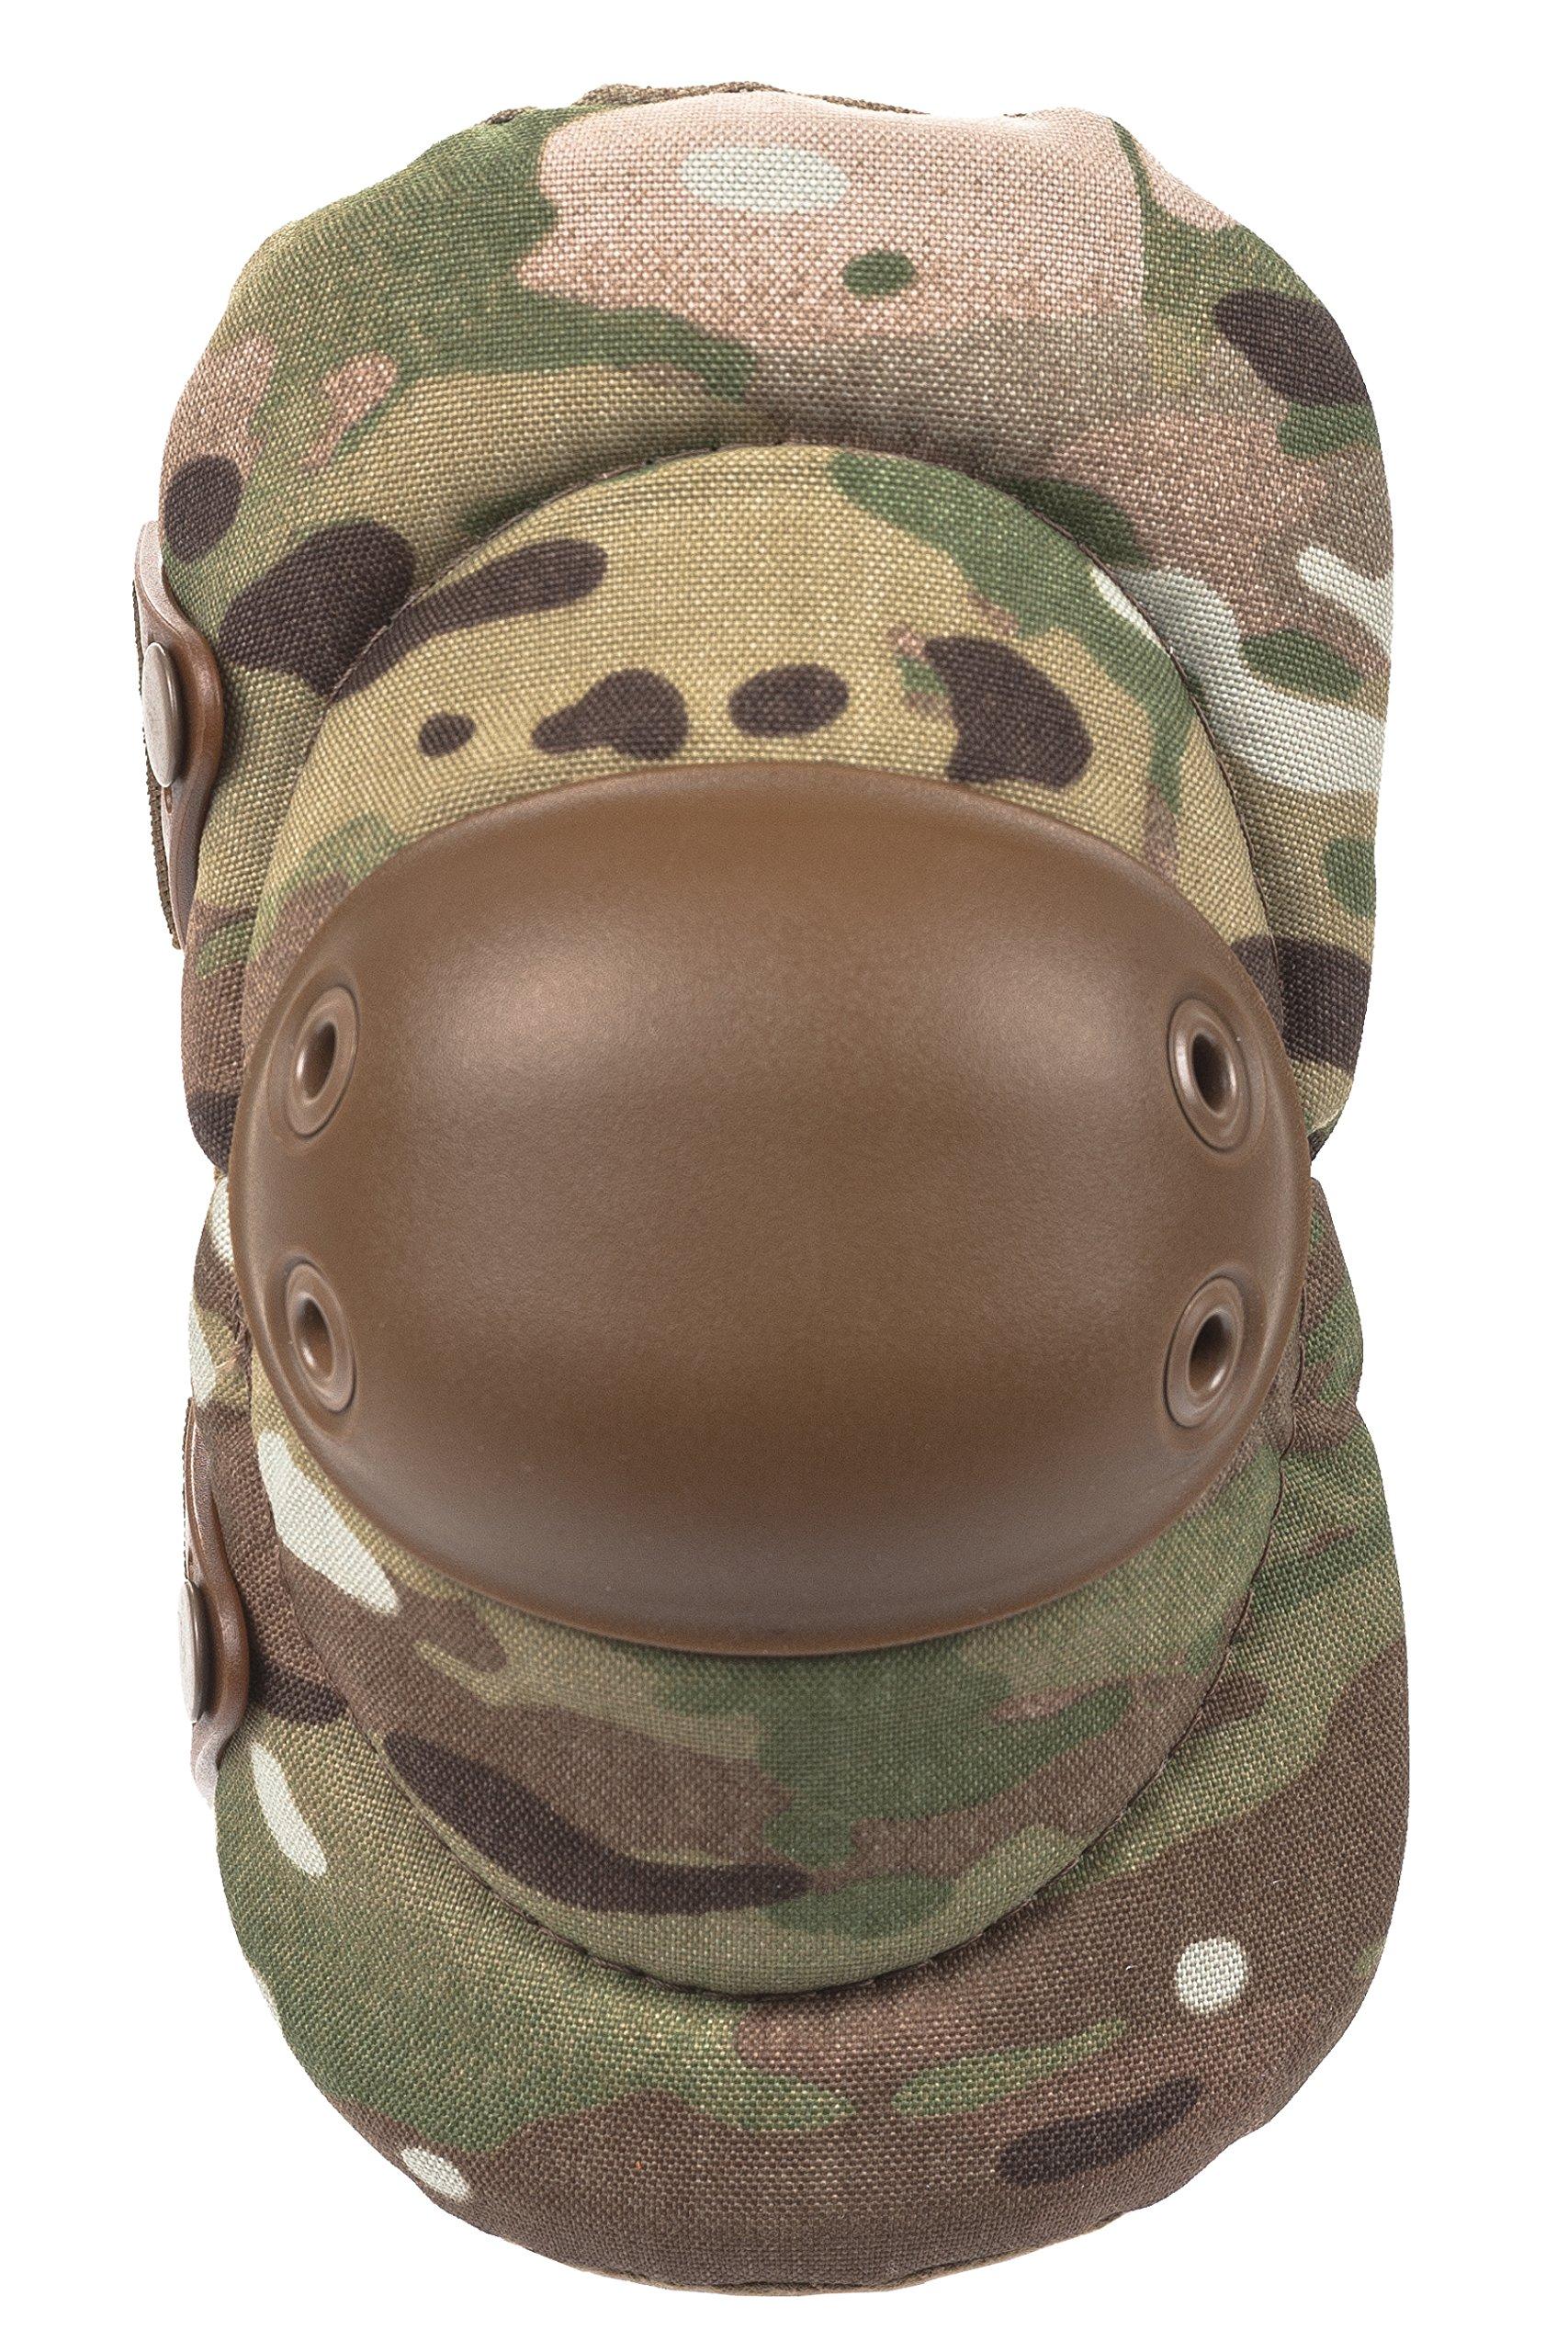 ALTA 53013.16 AltaFLEX Elbow Protector Pad, MultiCAM Cordura Nylon Fabric, AltaLOK Fastening, Flexible Cap, Round, Coyote